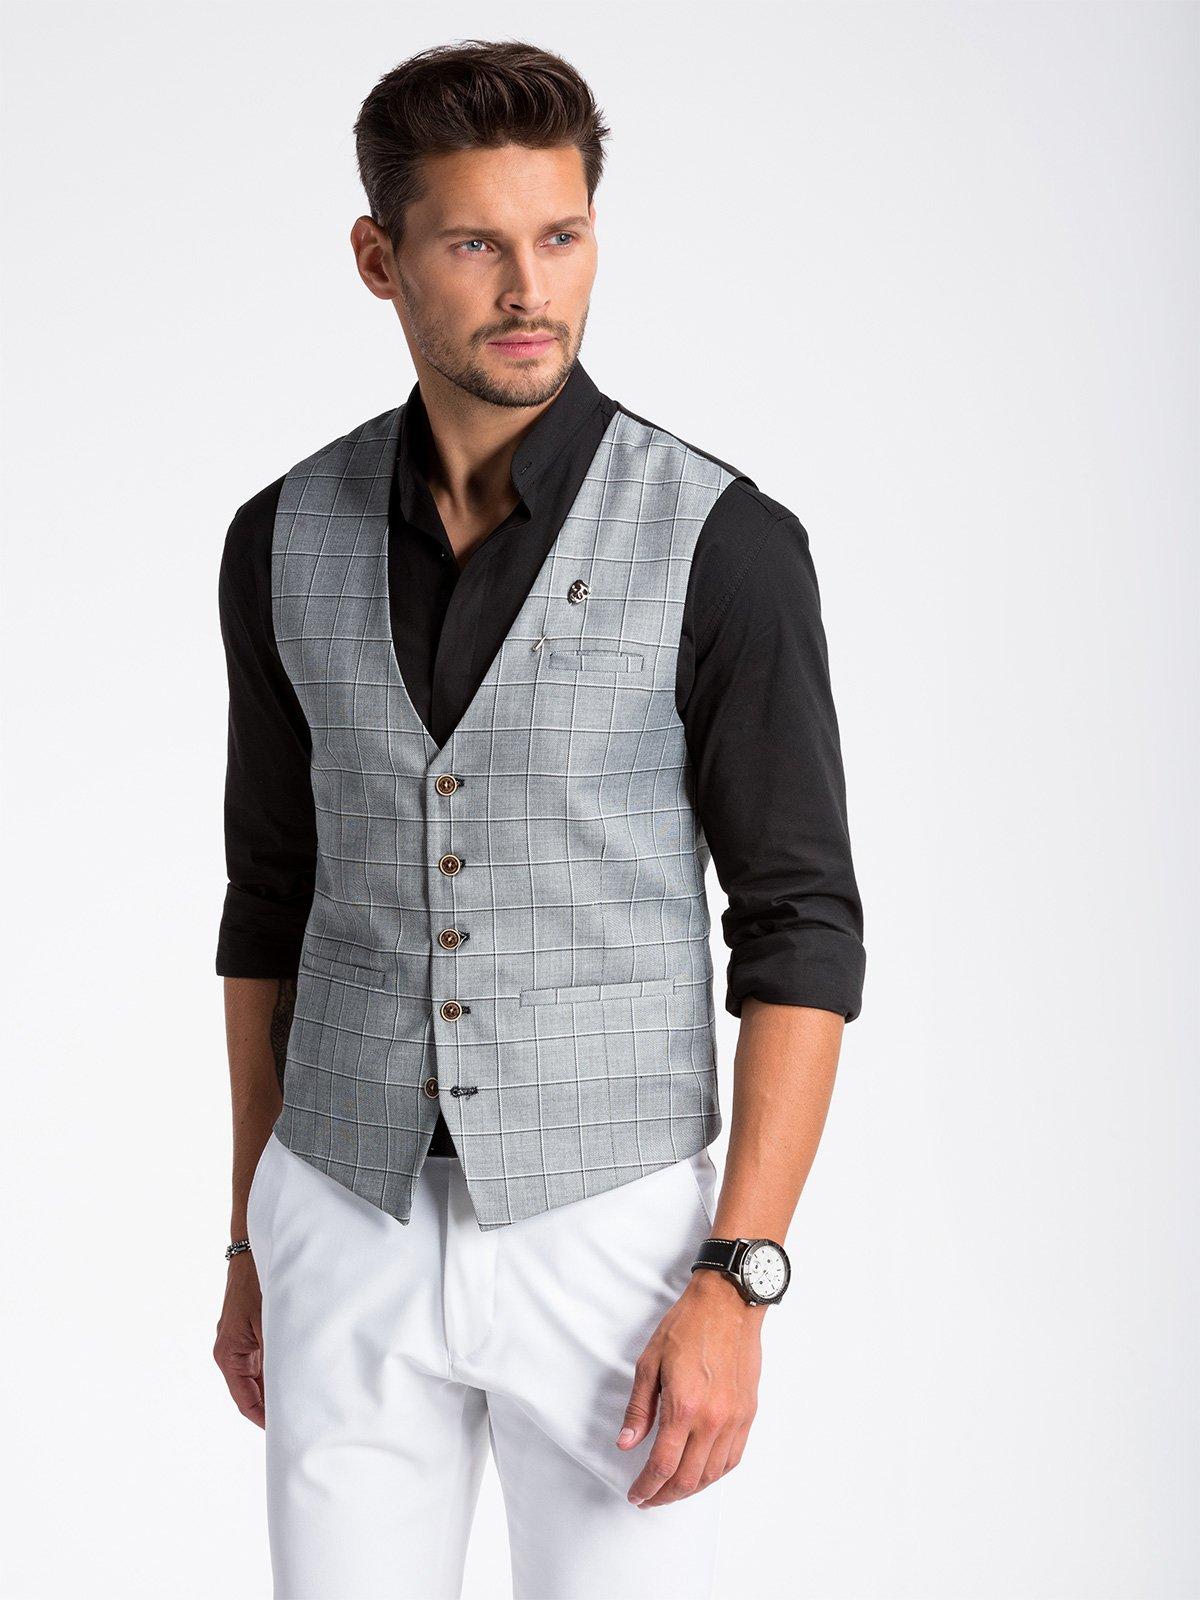 Ombre Clothing Men's Vest V48